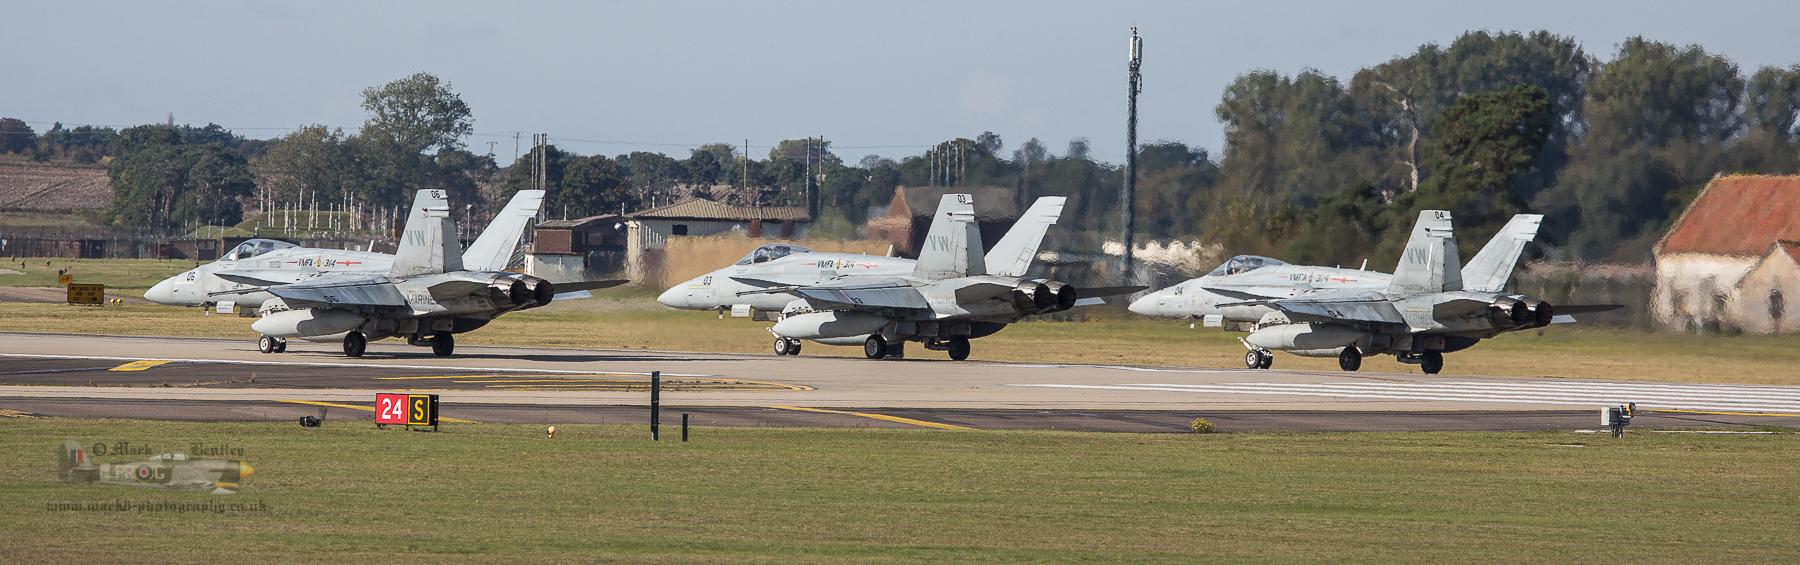 B094 USMC Hornets.jpg